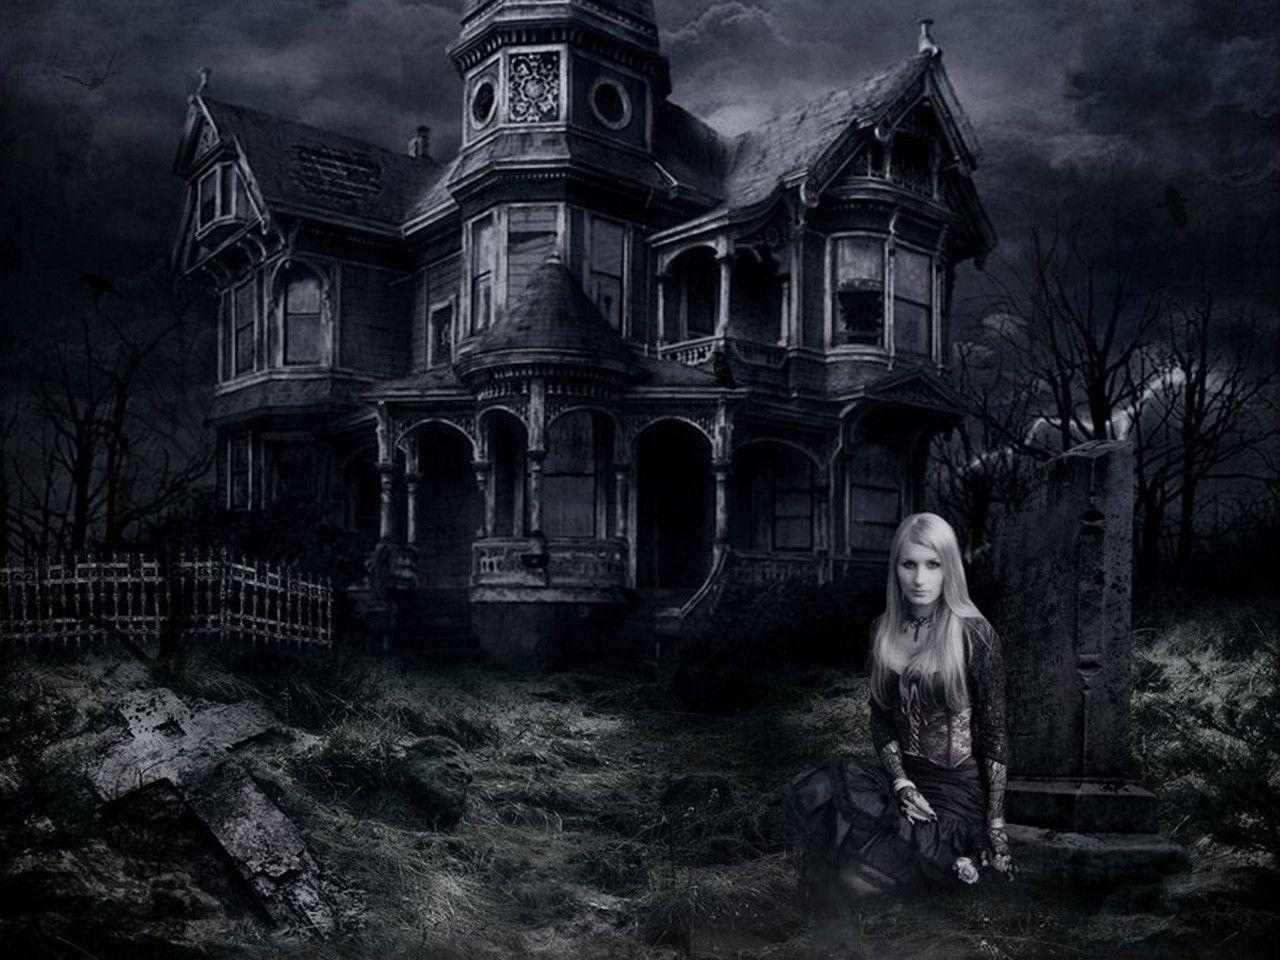 Haunted House Desktop Wallpapers